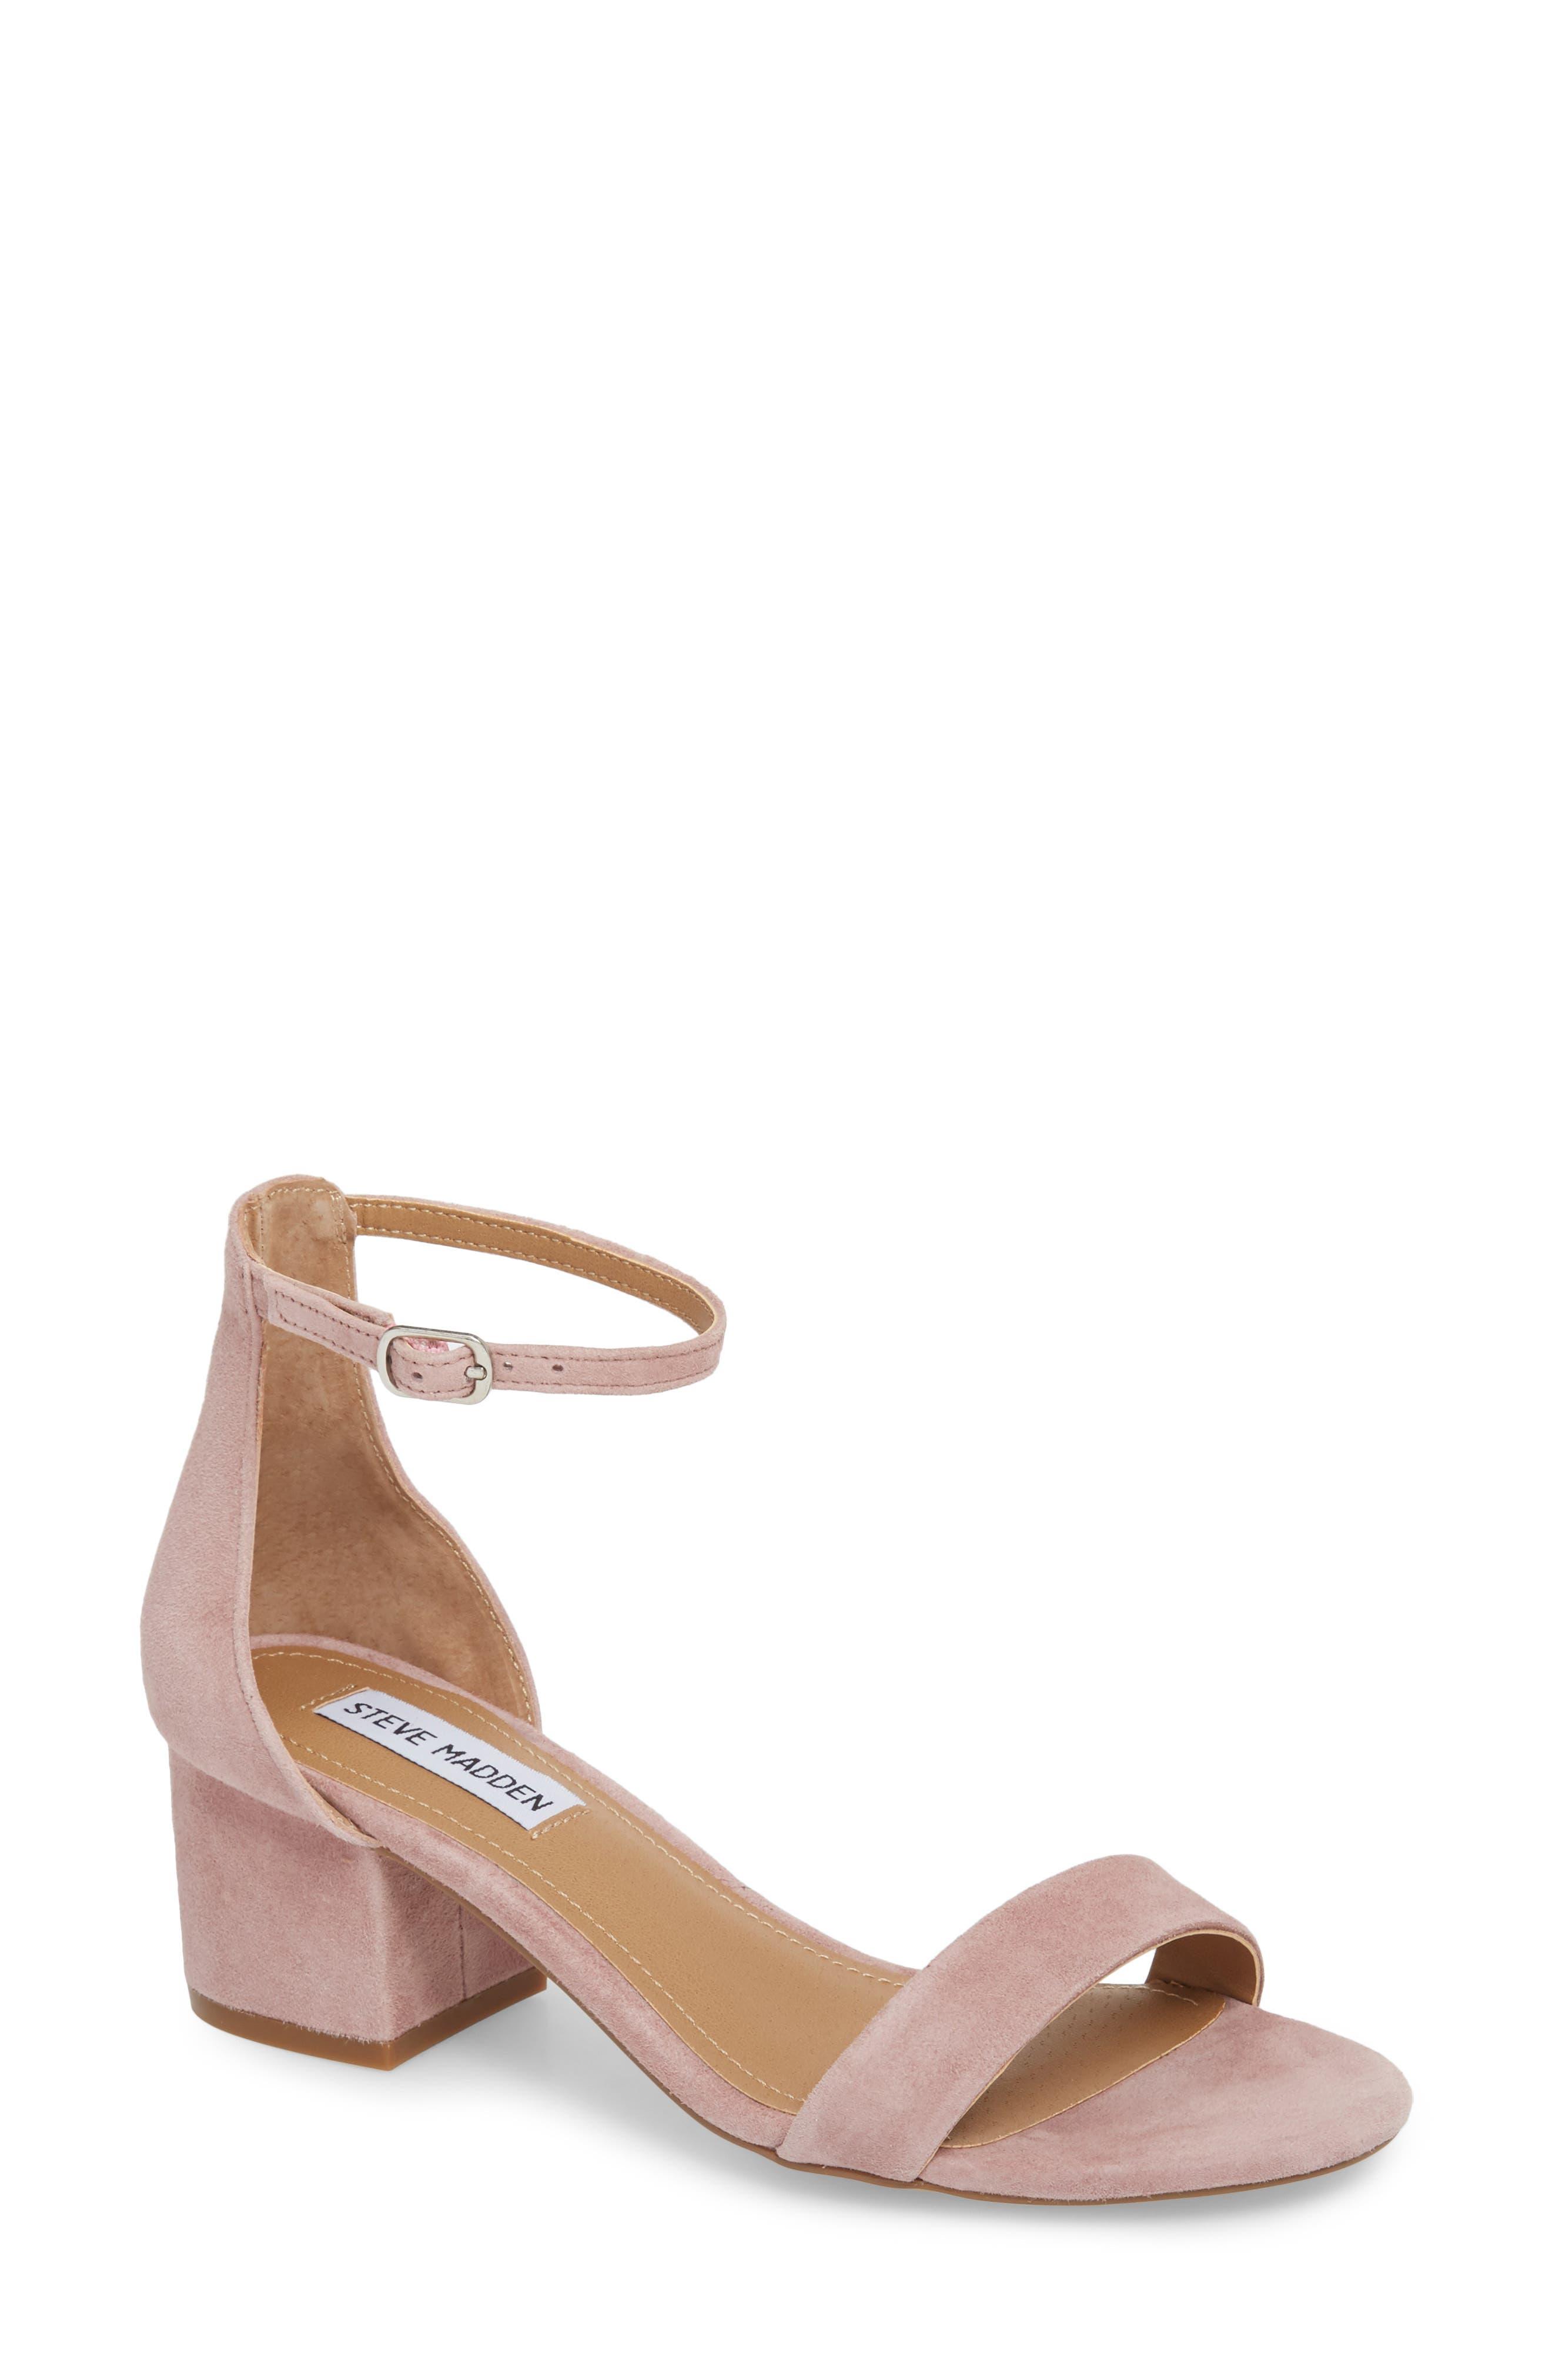 Irenee Ankle Strap Sandal,                             Main thumbnail 1, color,                             Mauve Suede